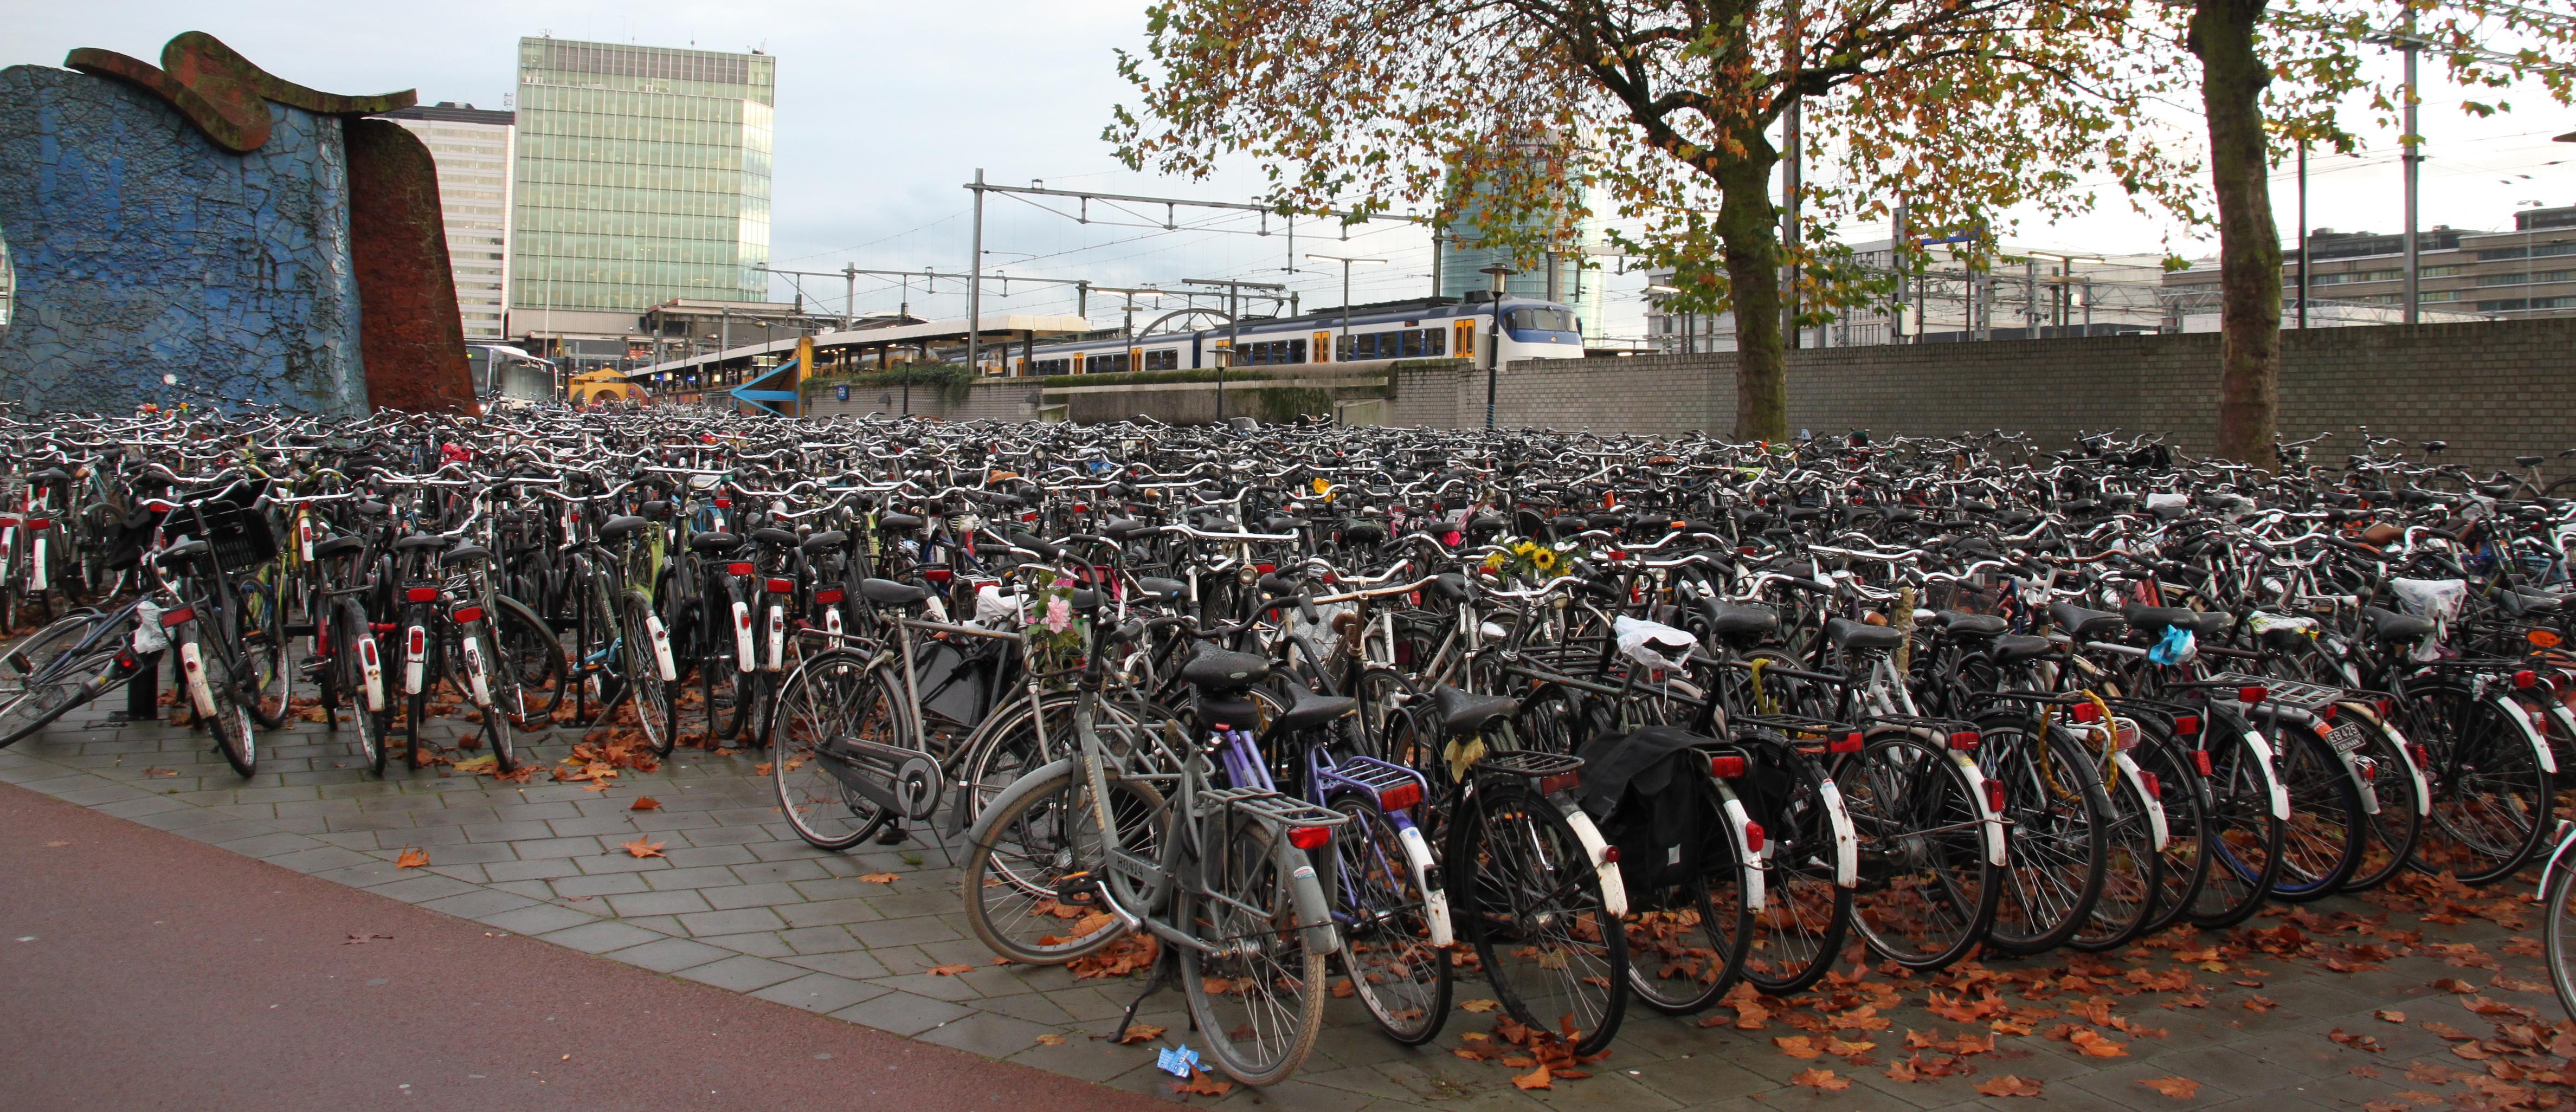 Fietsen_Utrecht_Centraal